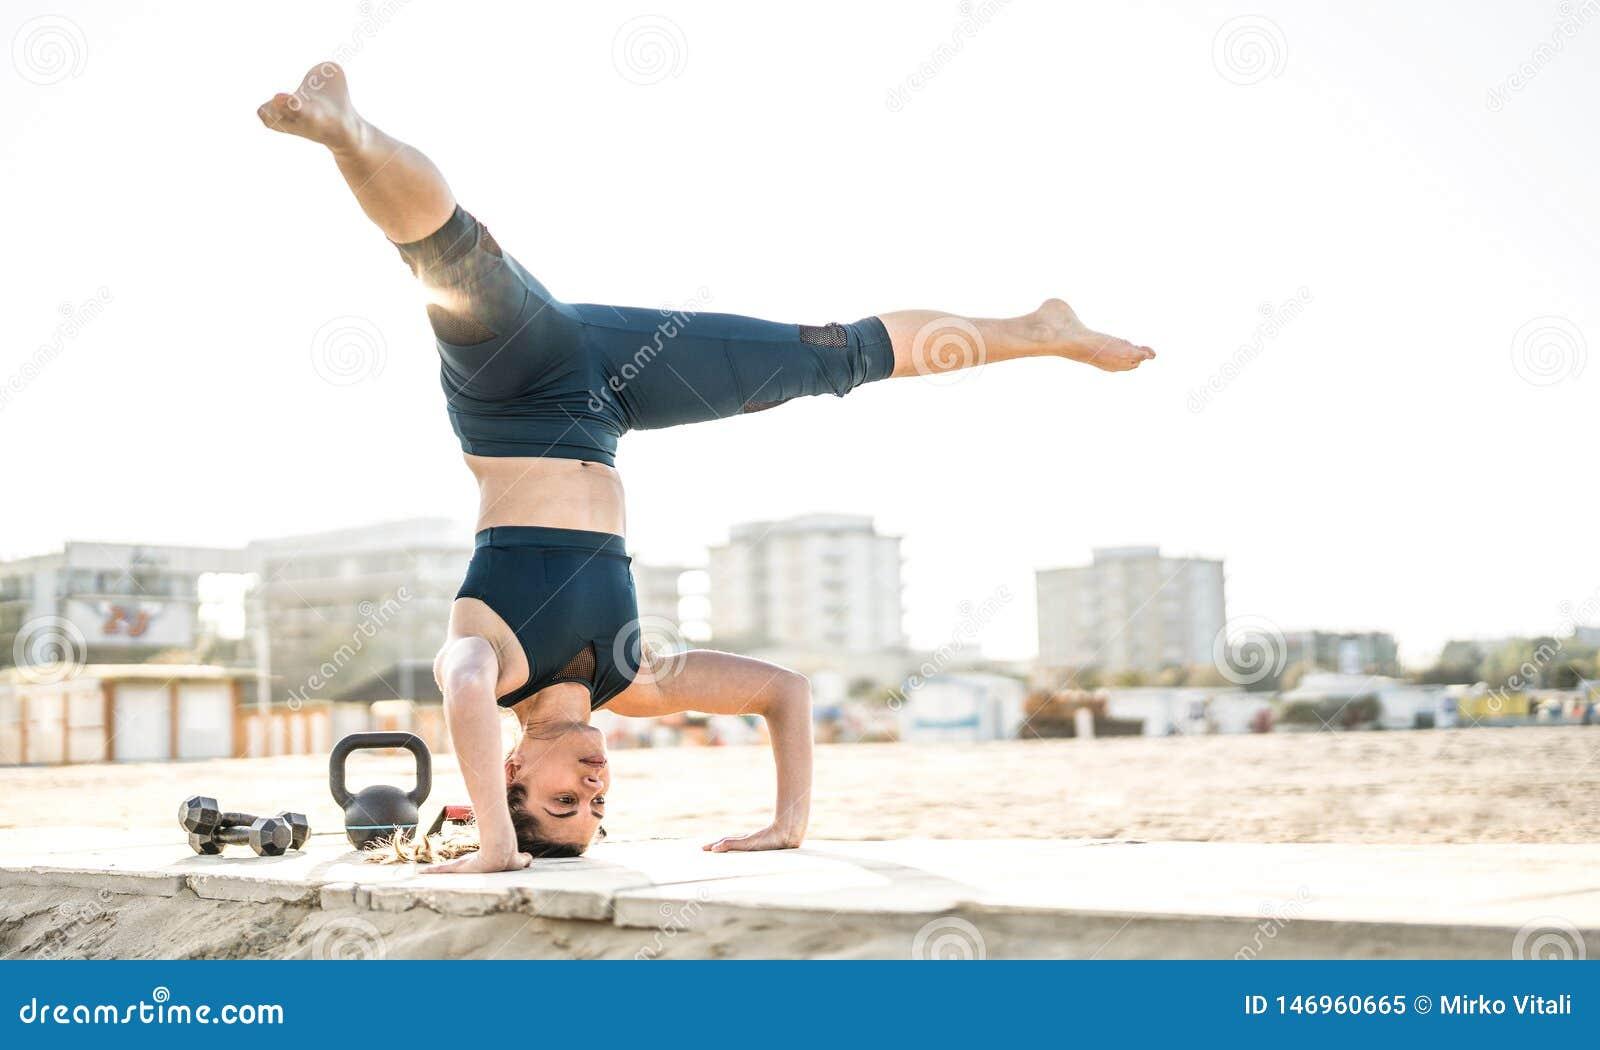 Stående av den idrotts- kvinnan som övar calisthenic jämviktsflyttning på det friastrandläge - modernt alternativ att utarbeta